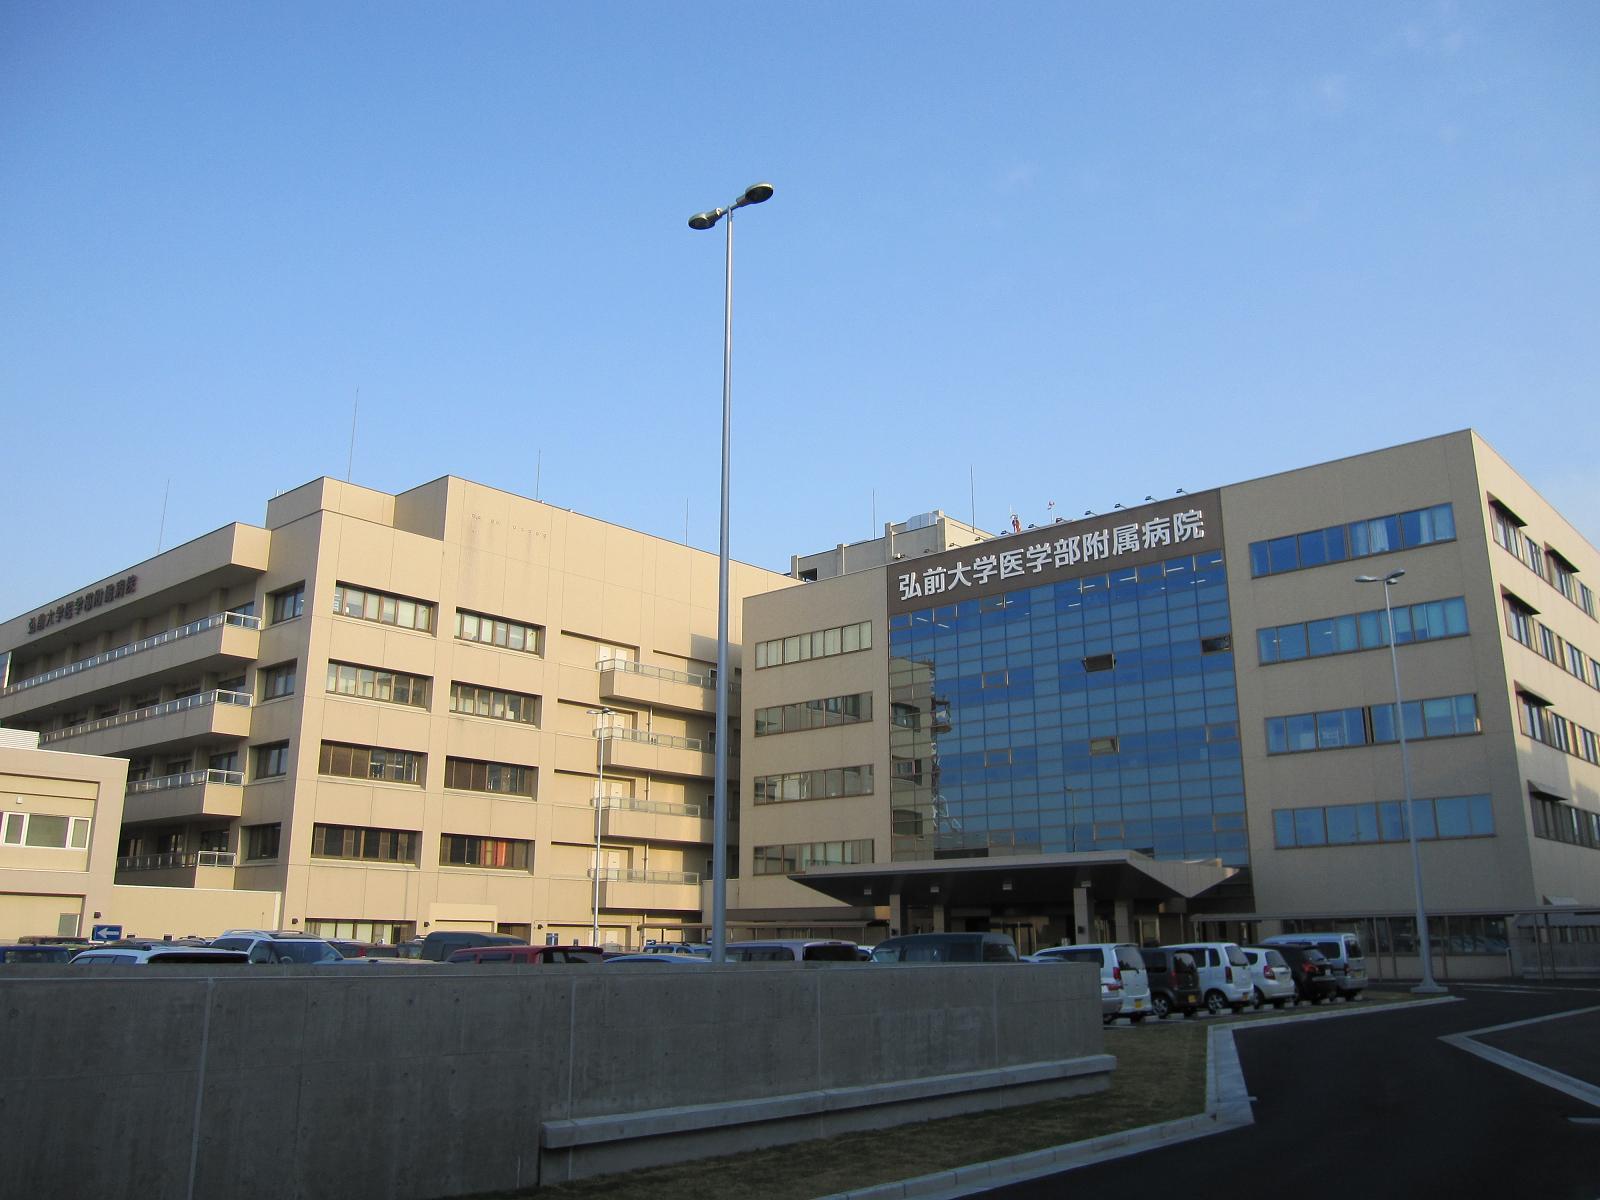 Hirosaki University File:hirosaki University